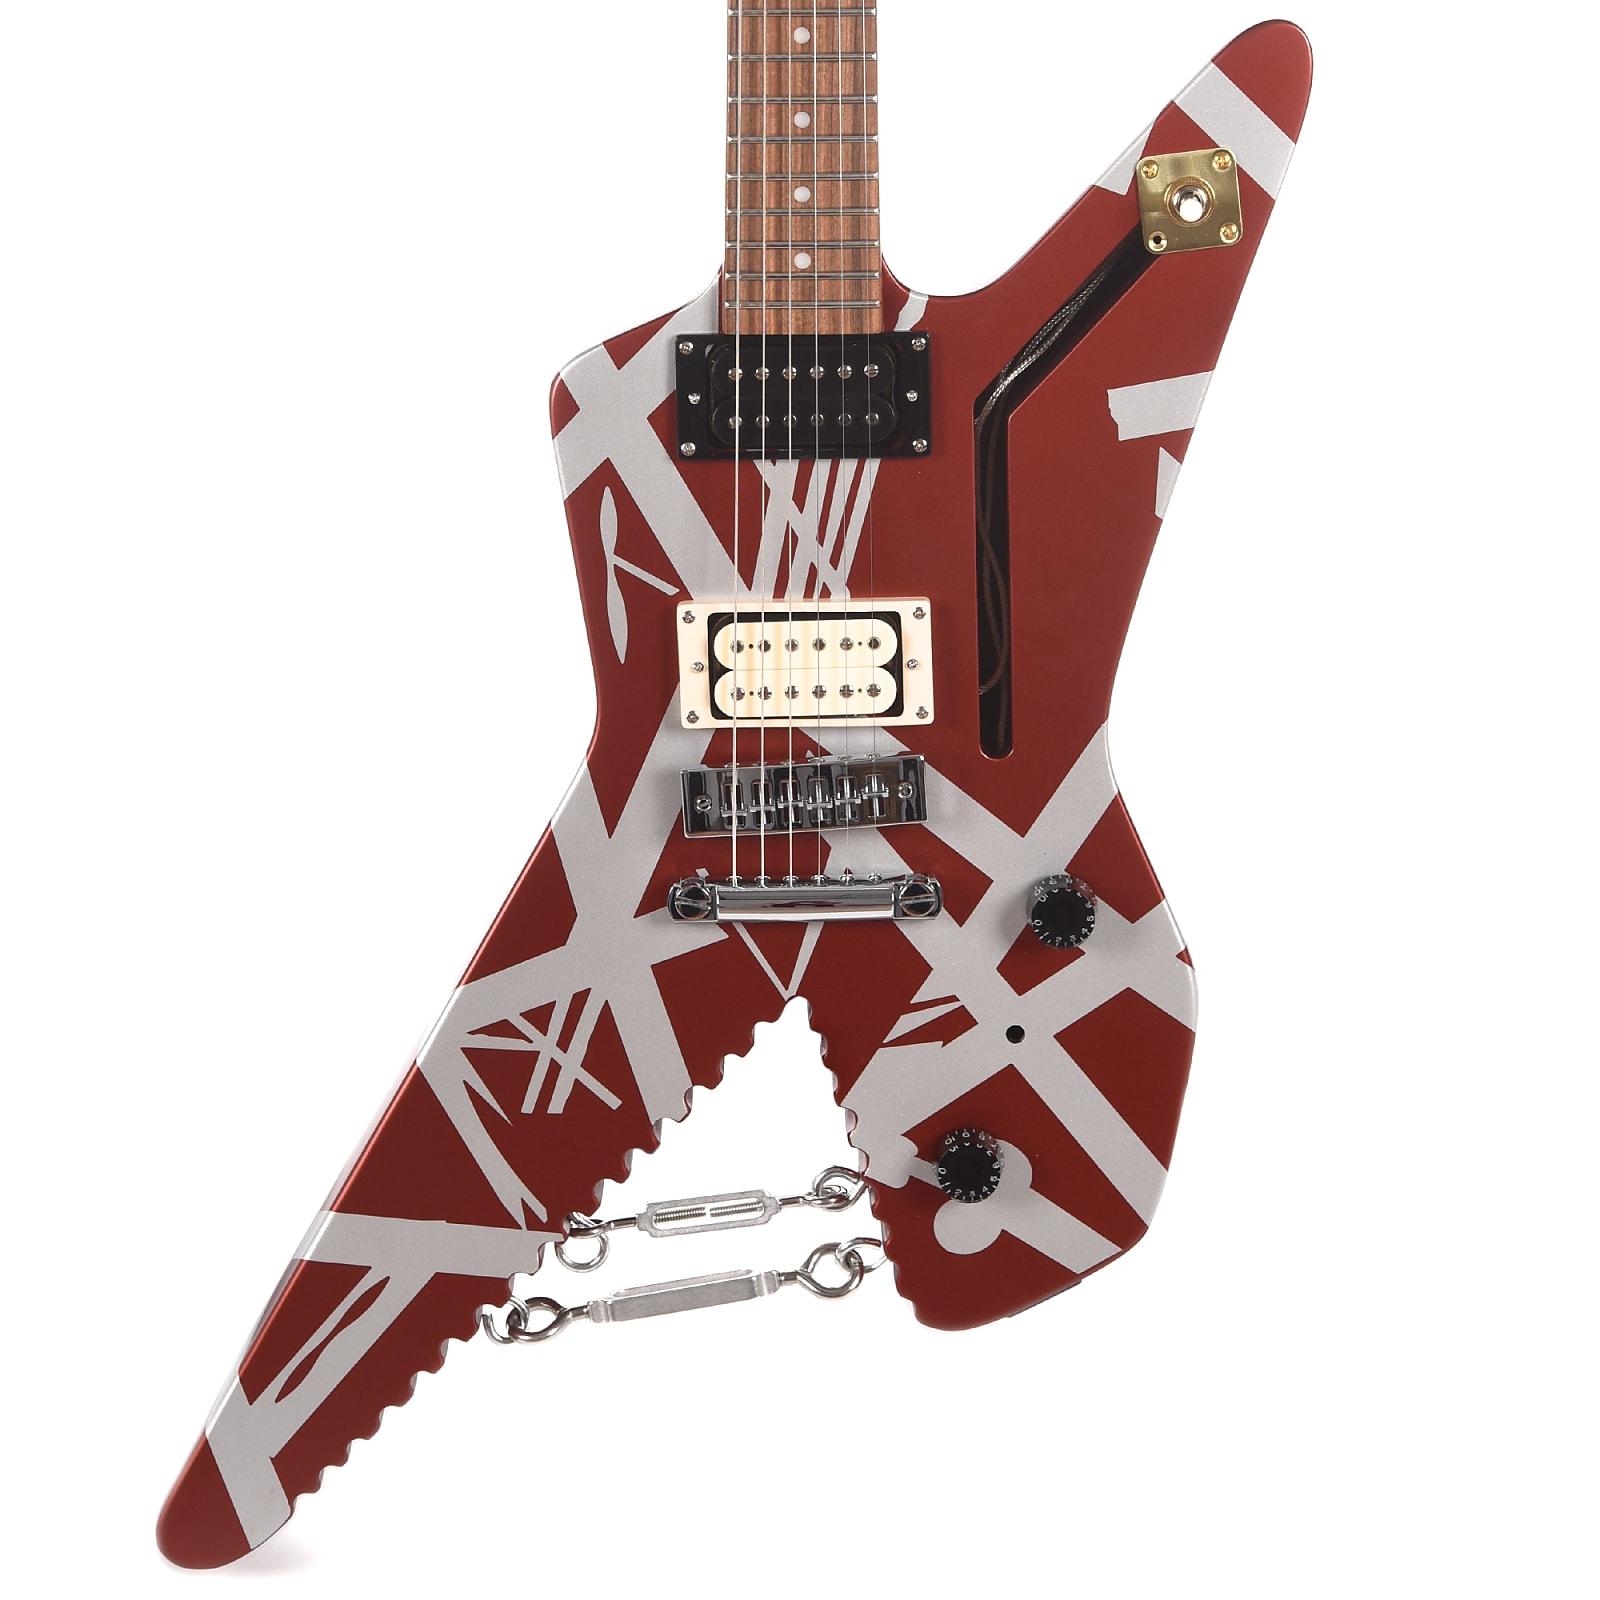 EVH Wolfgang Series Black Control Cover Plate set Eddie Van Halen Guitar SALE